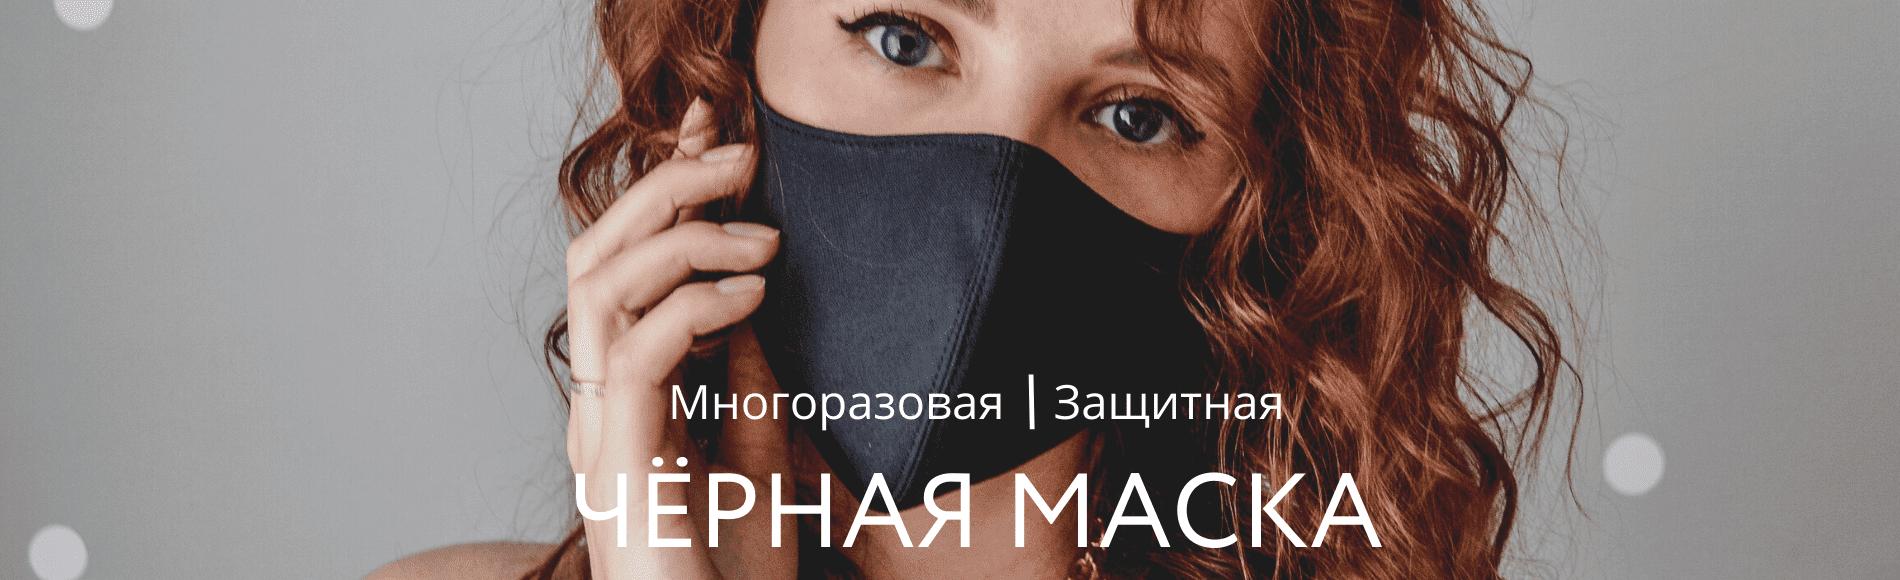 Черная многоразовая защитная маска